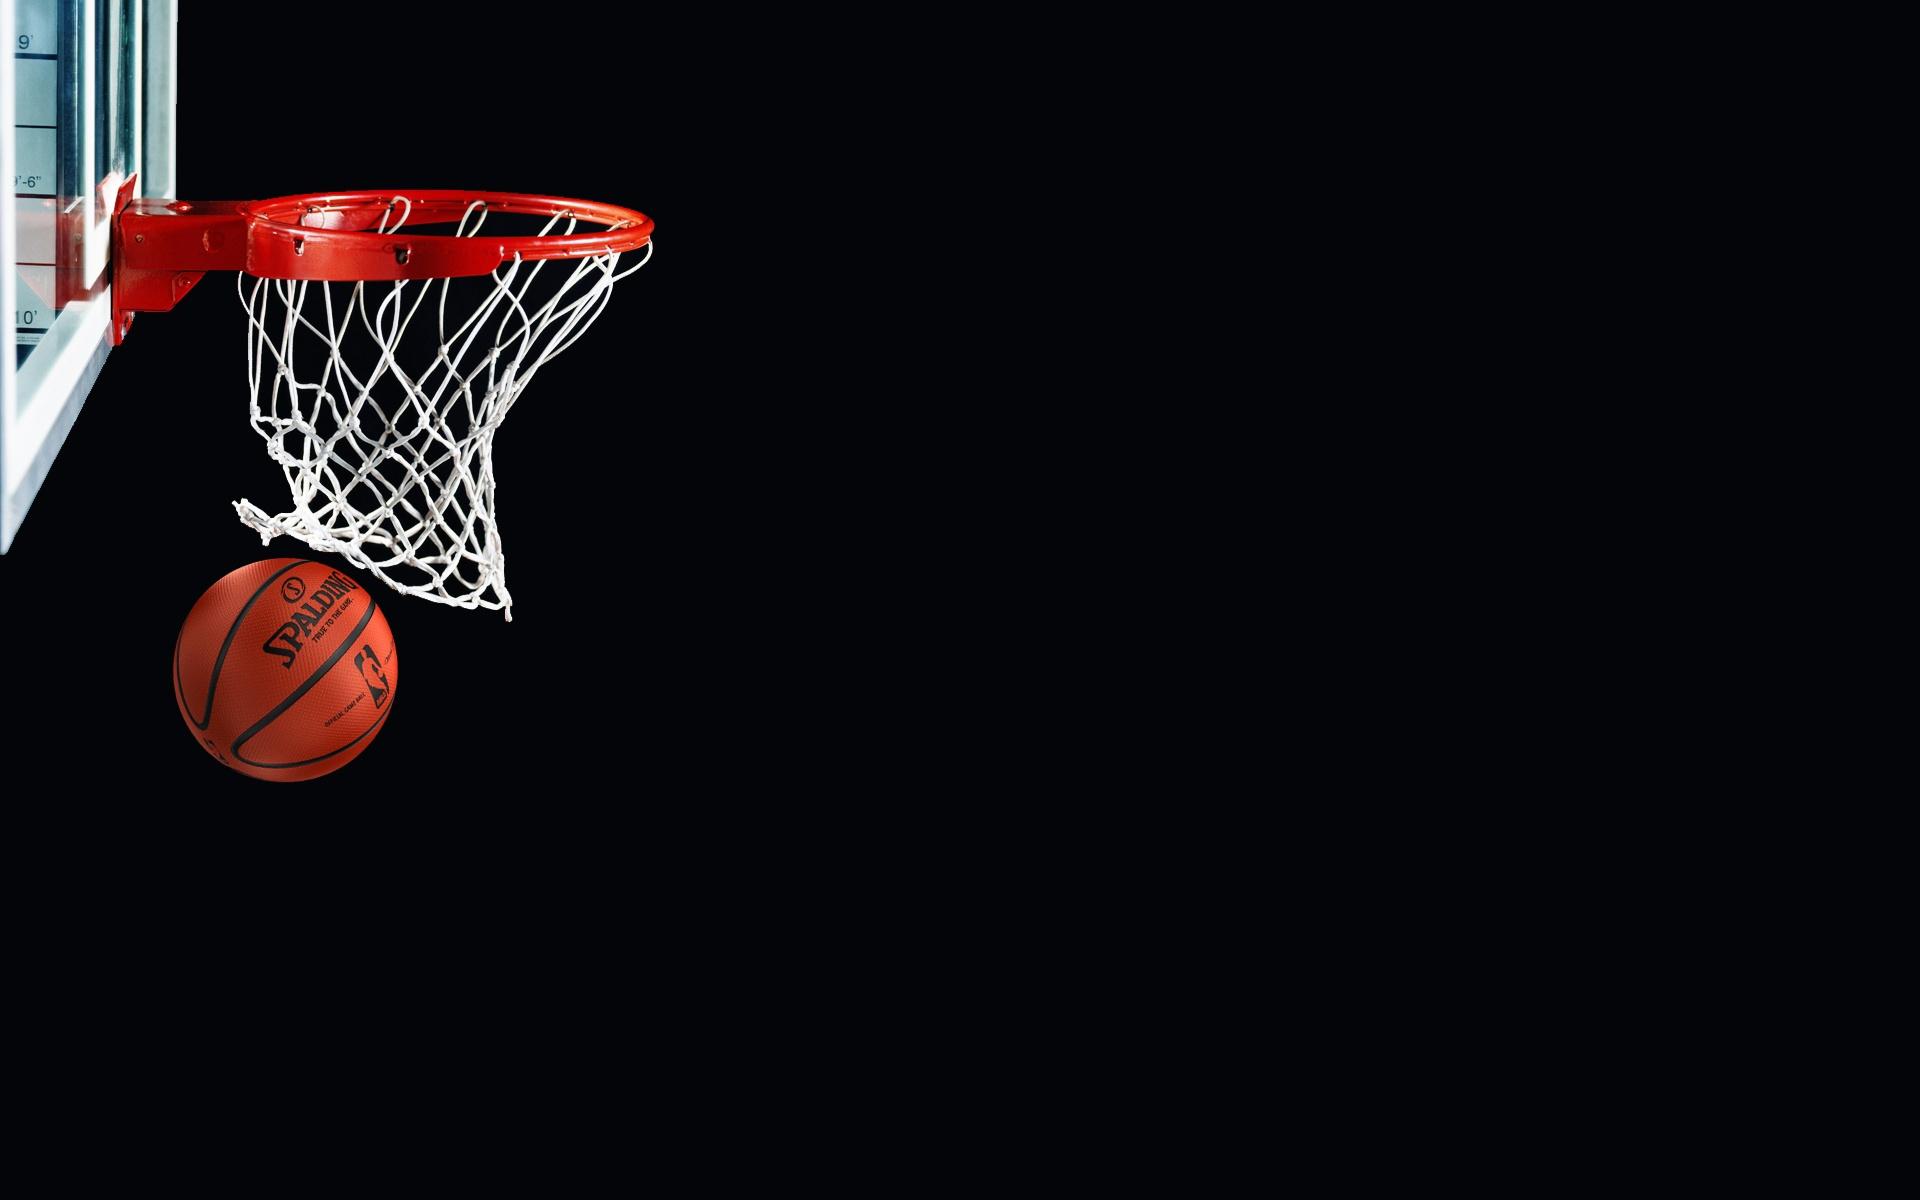 Free Sports Wallpapers For Desktop Wallpapersafari